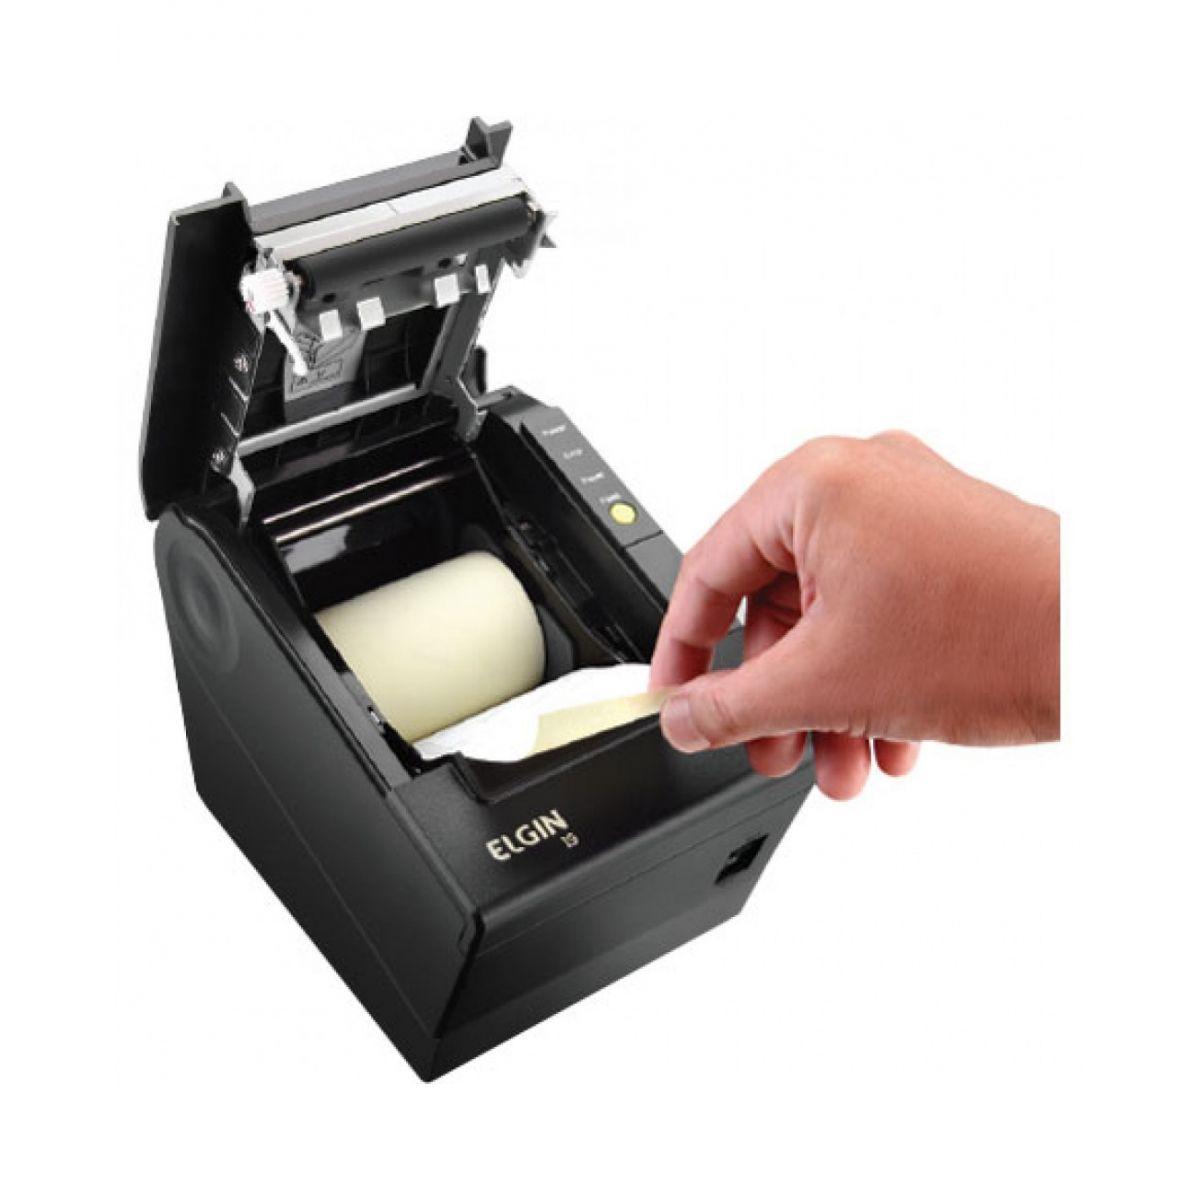 Impressora Térmica Não Fiscal Guilhotina I9 Elgin